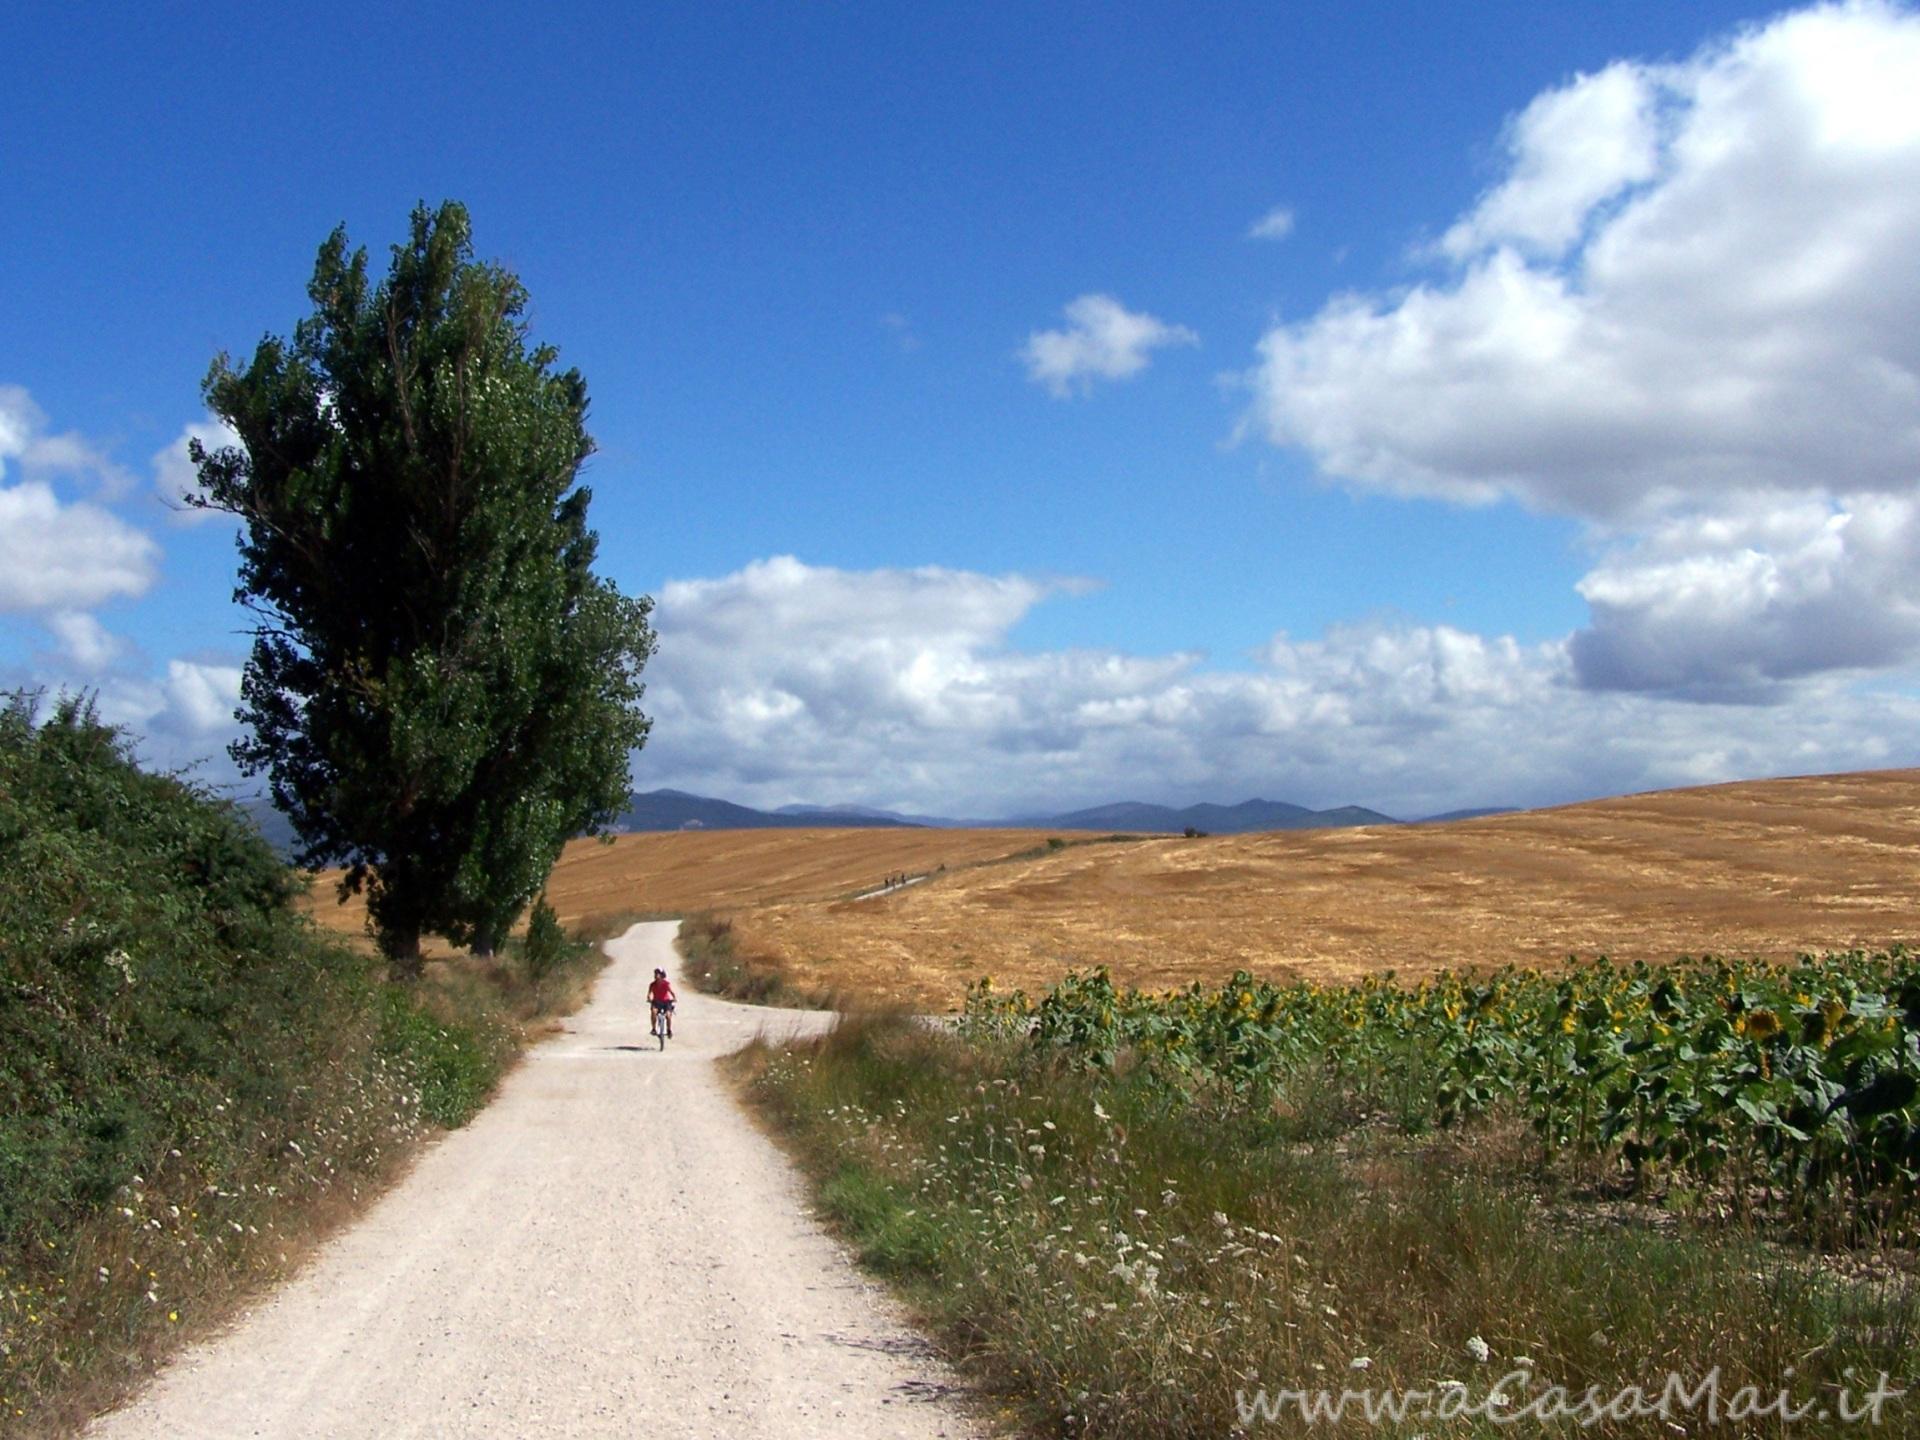 Sentiero del Cammino di Santiago